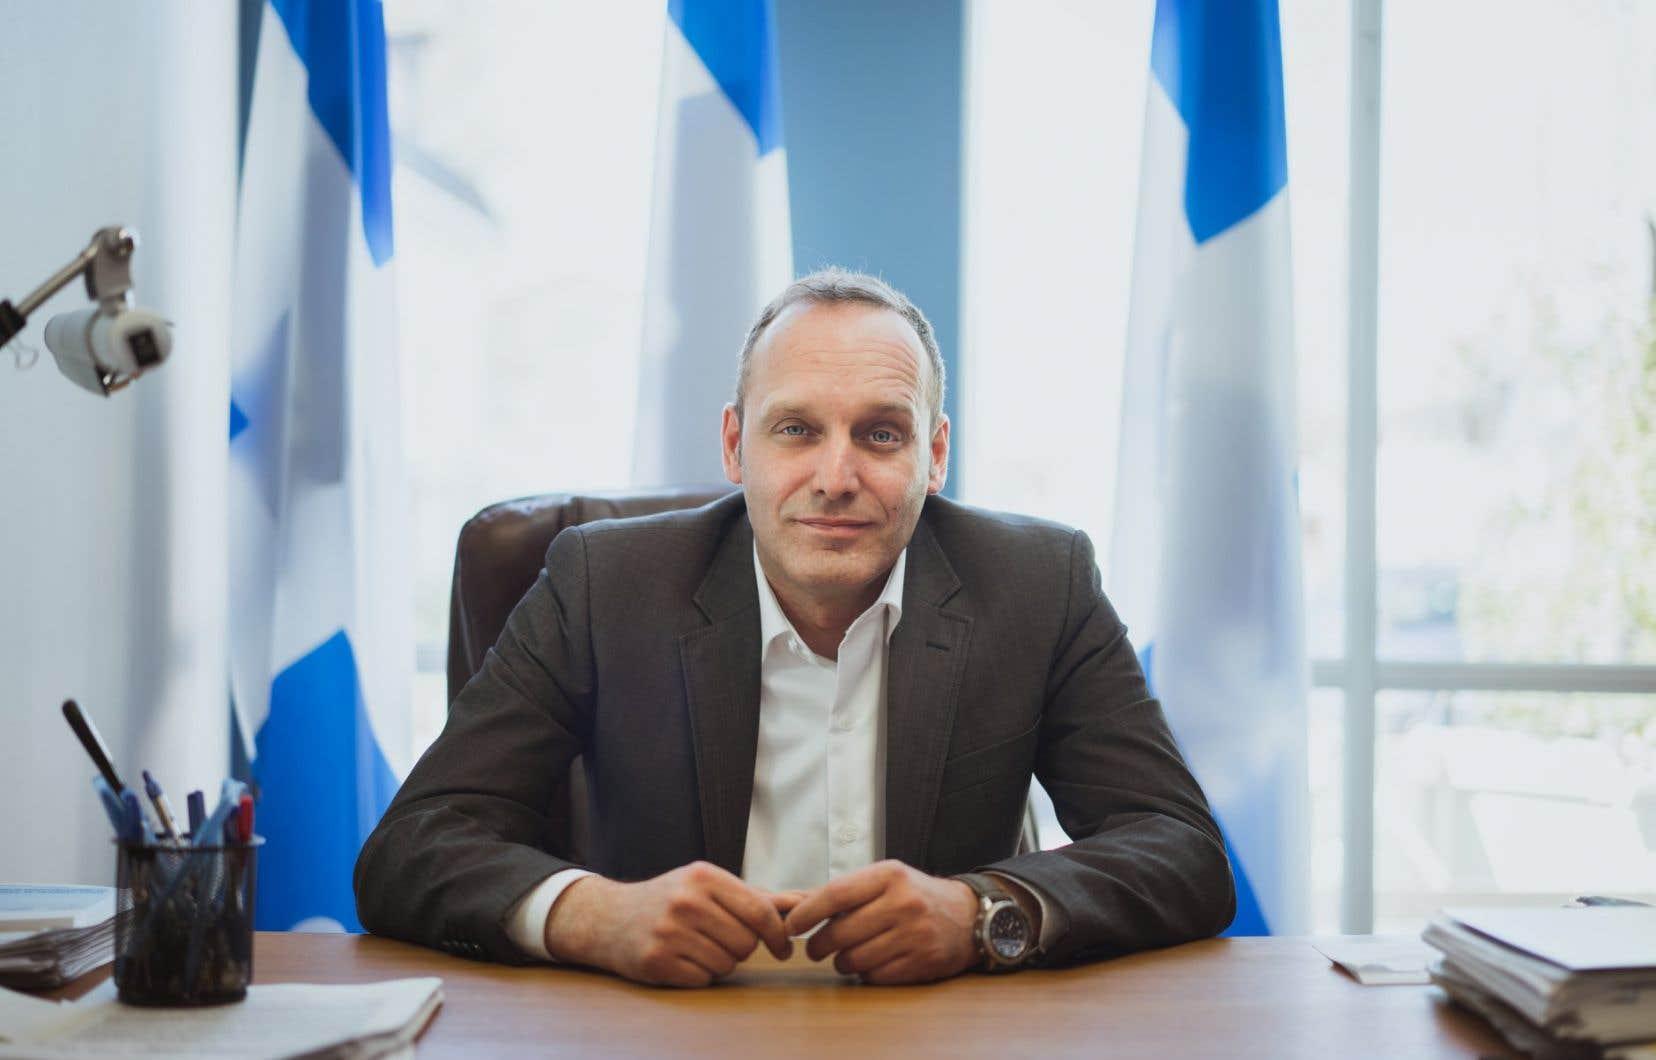 Michel Boudrias